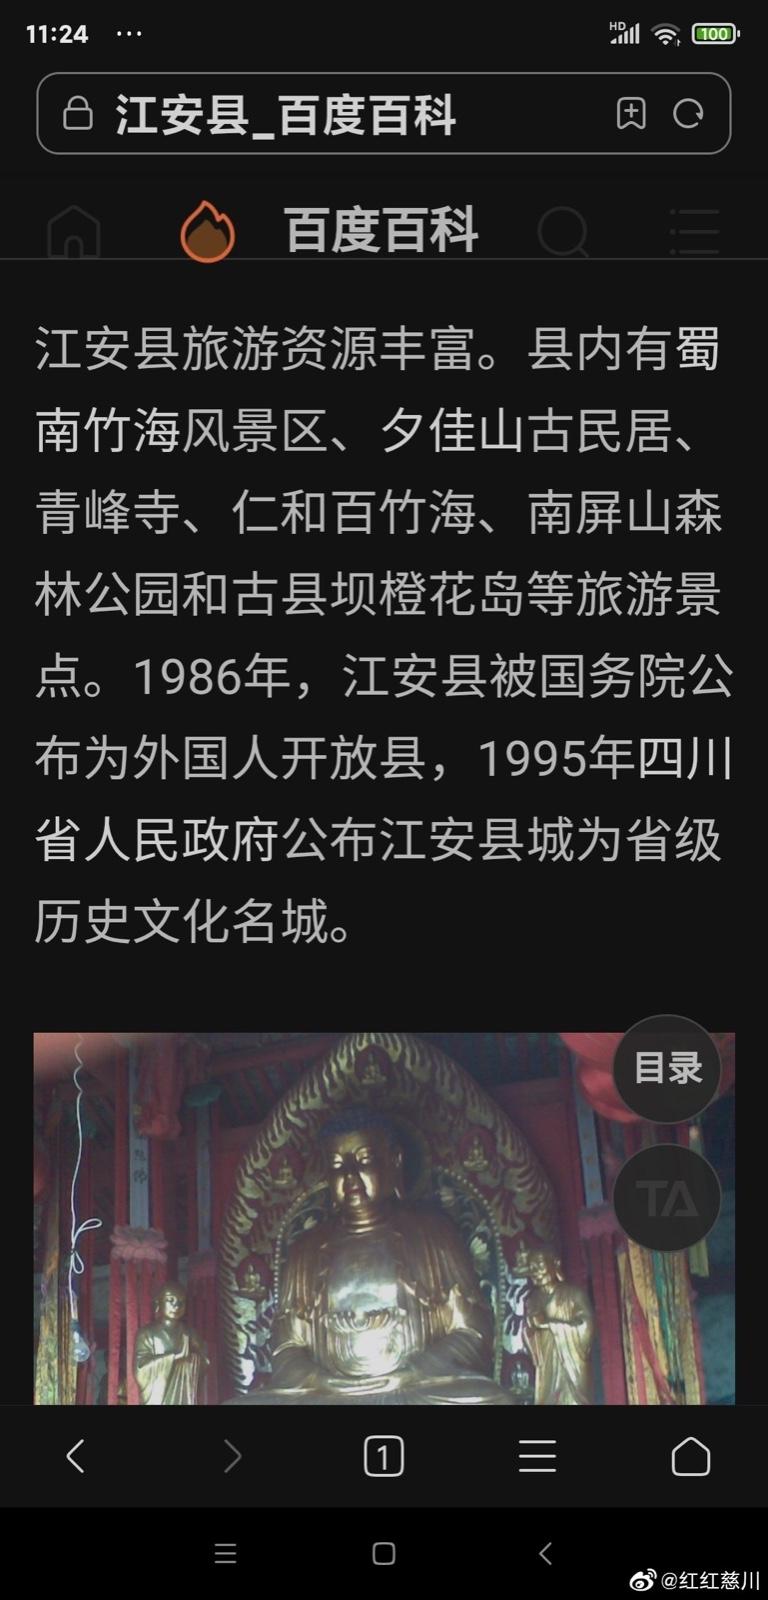 长宁有感_图1-8